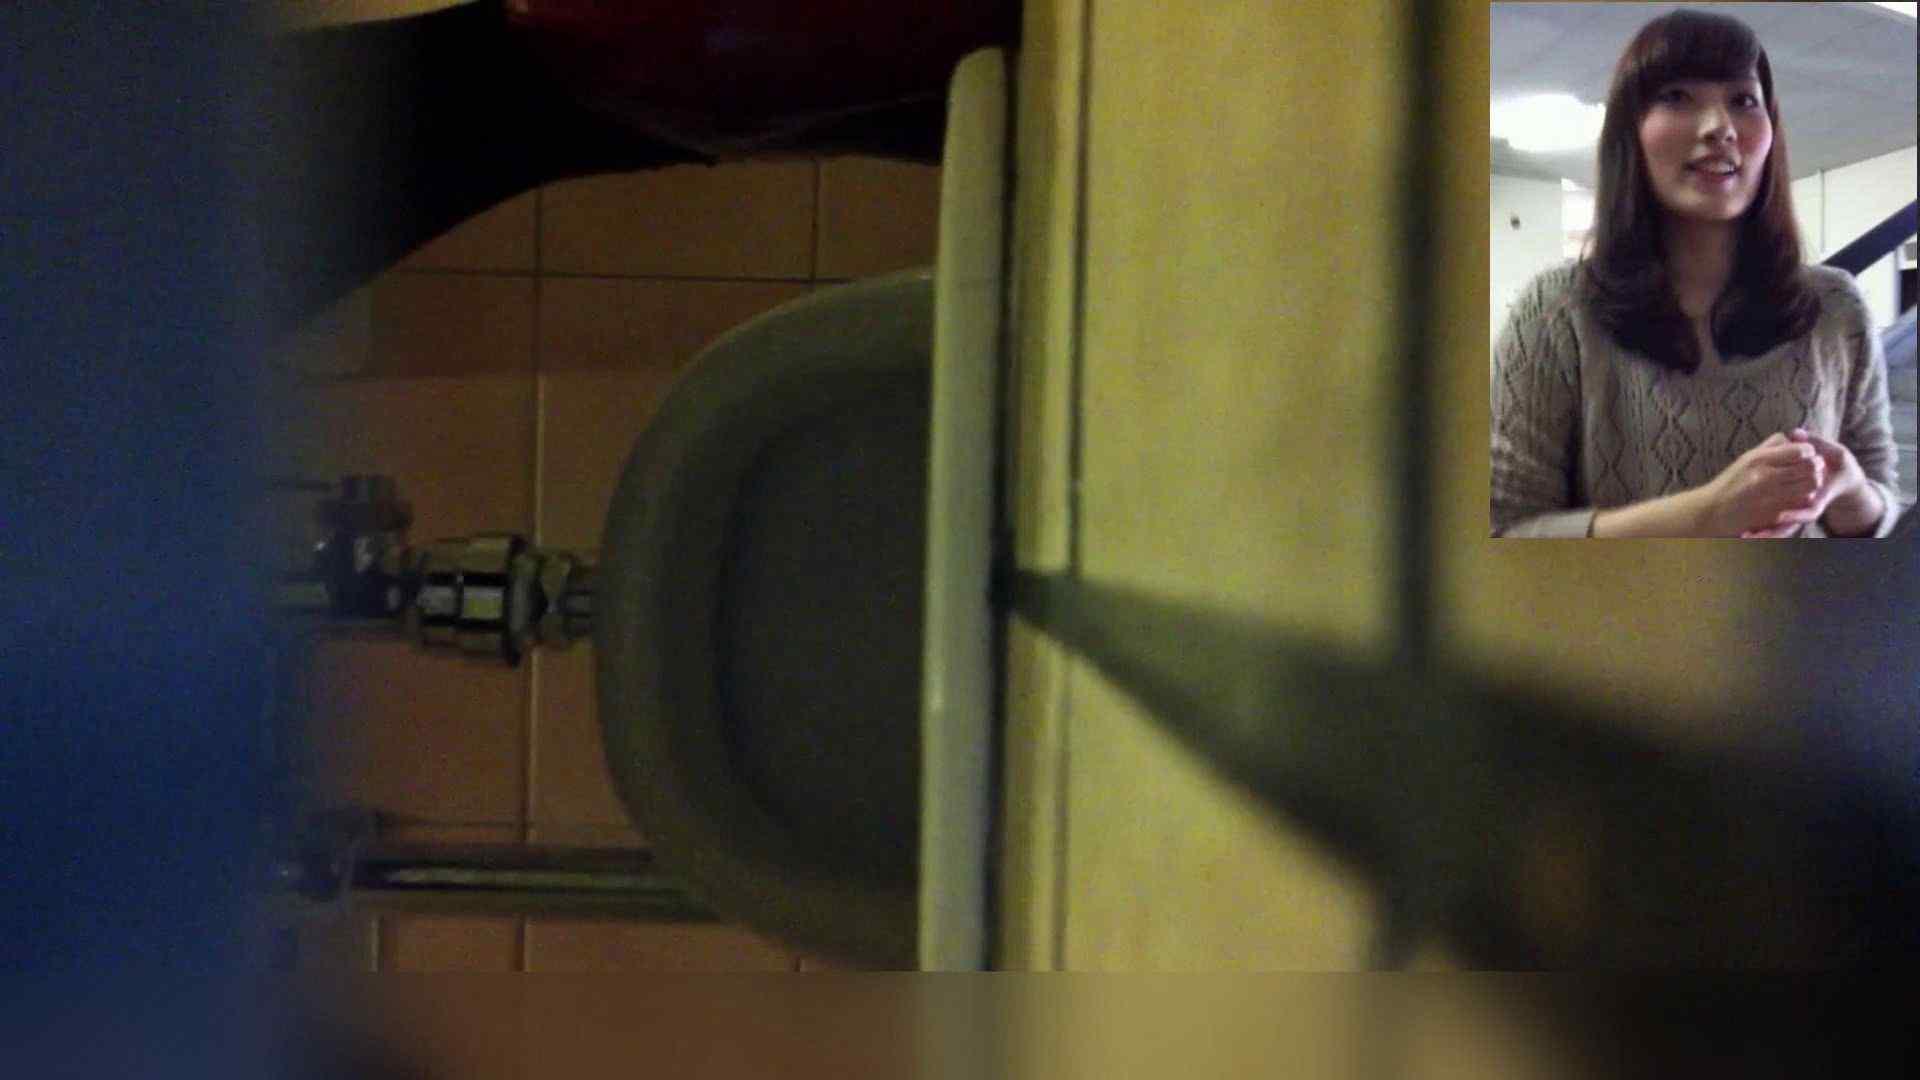 お姉さんの恥便所盗撮! Vol.10 お姉さんのヌード オマンコ無修正動画無料 101画像 94